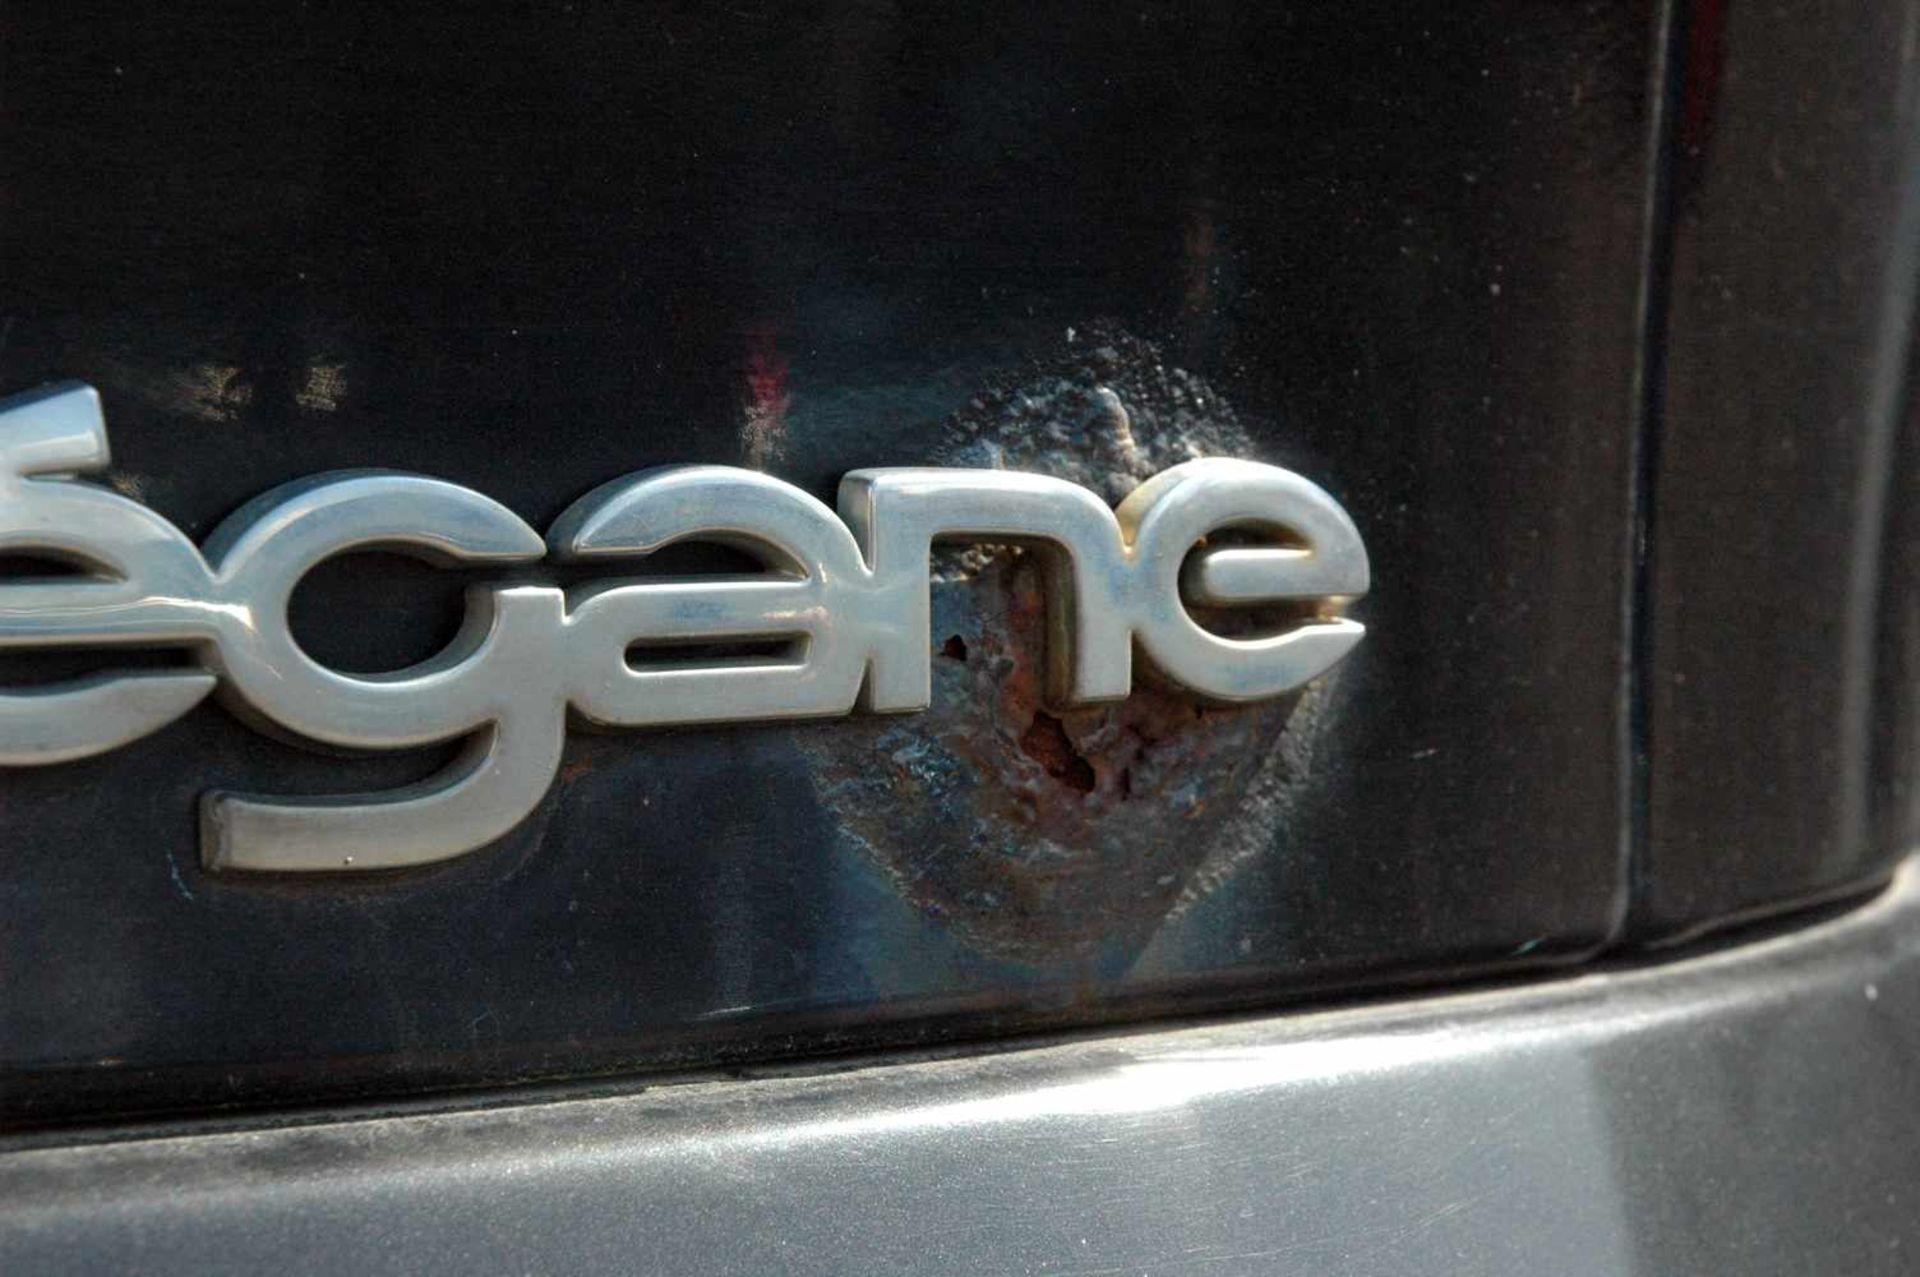 PKW, Renault Megane, EZ 06/99, schwarz - Bild 10 aus 10